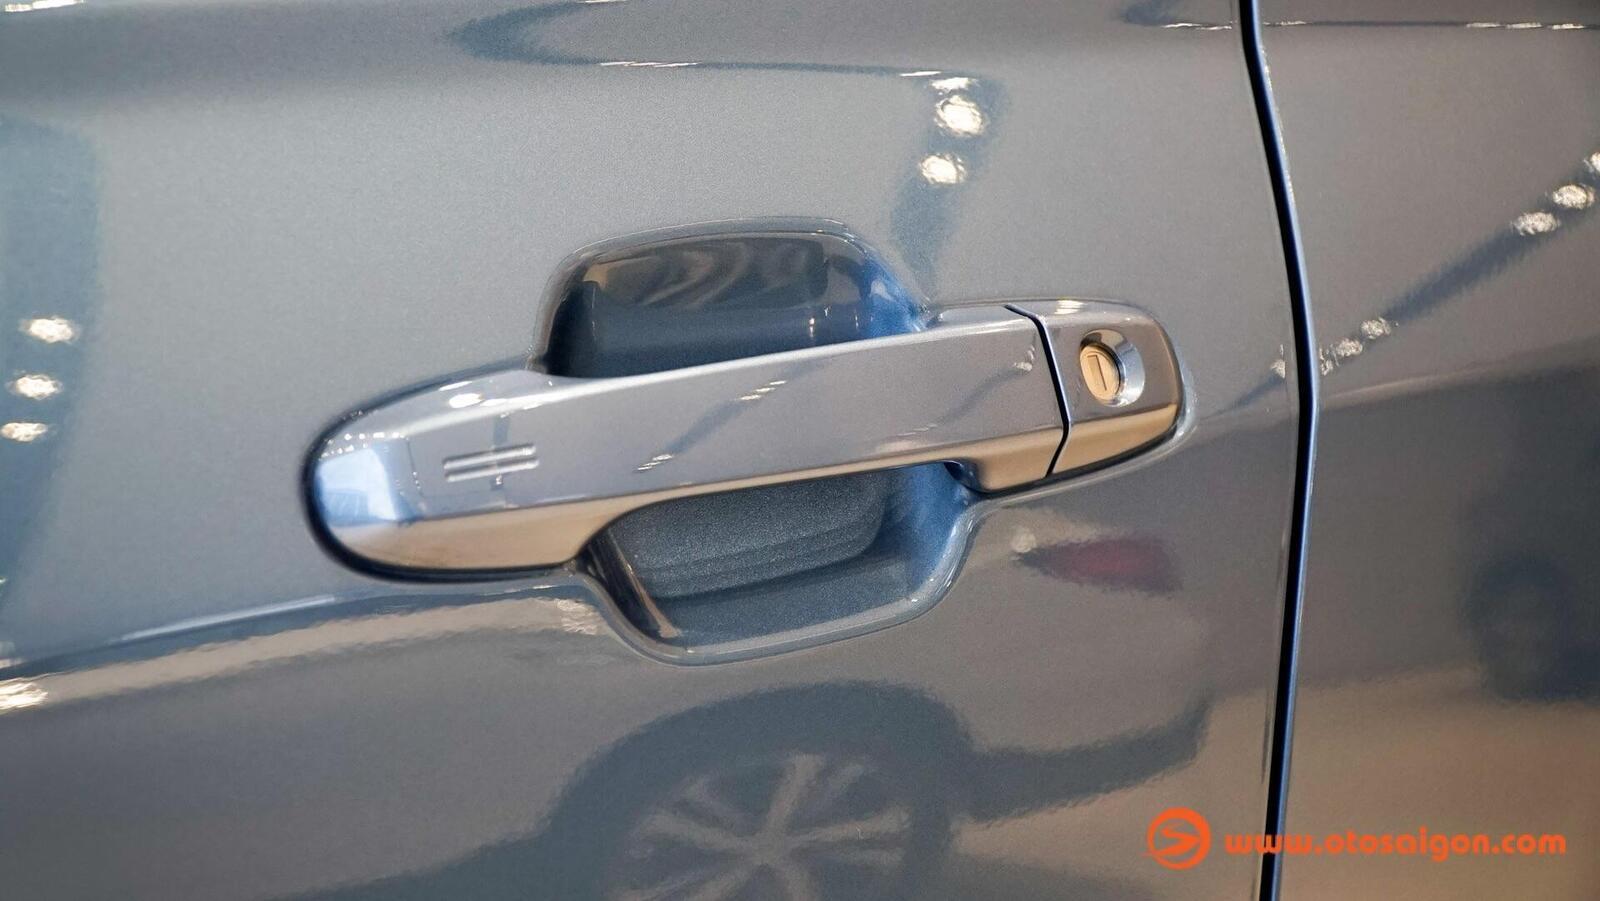 Đánh giá nhanh Subaru Forester thế hệ mới và sự khác biệt giữa hai phiên bản - Hình 25